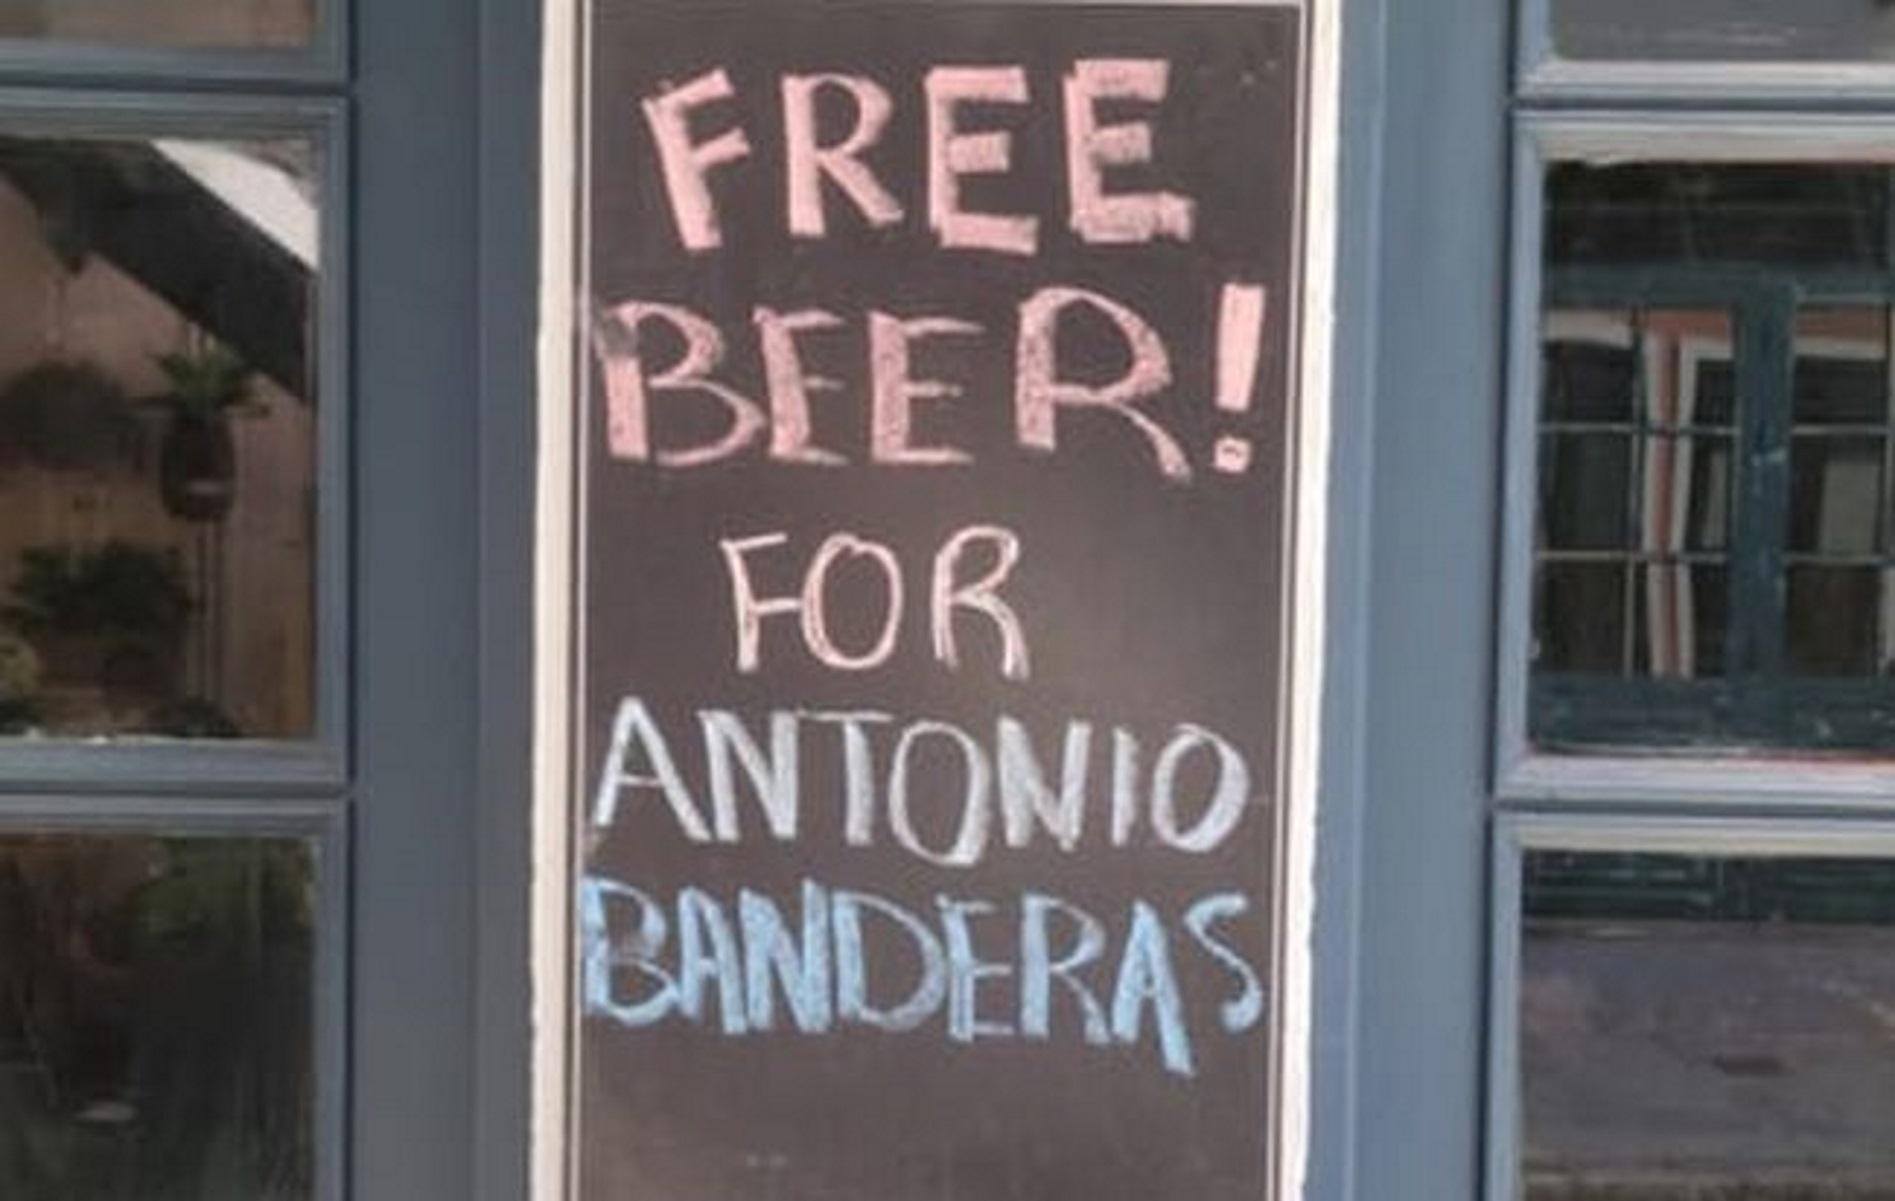 Αντόνιο Μπαντέρας – The Enforcer: Μαγαζί προσφέρει δωρεάν μπύρα στον Ισπανό σούπερ σταρ